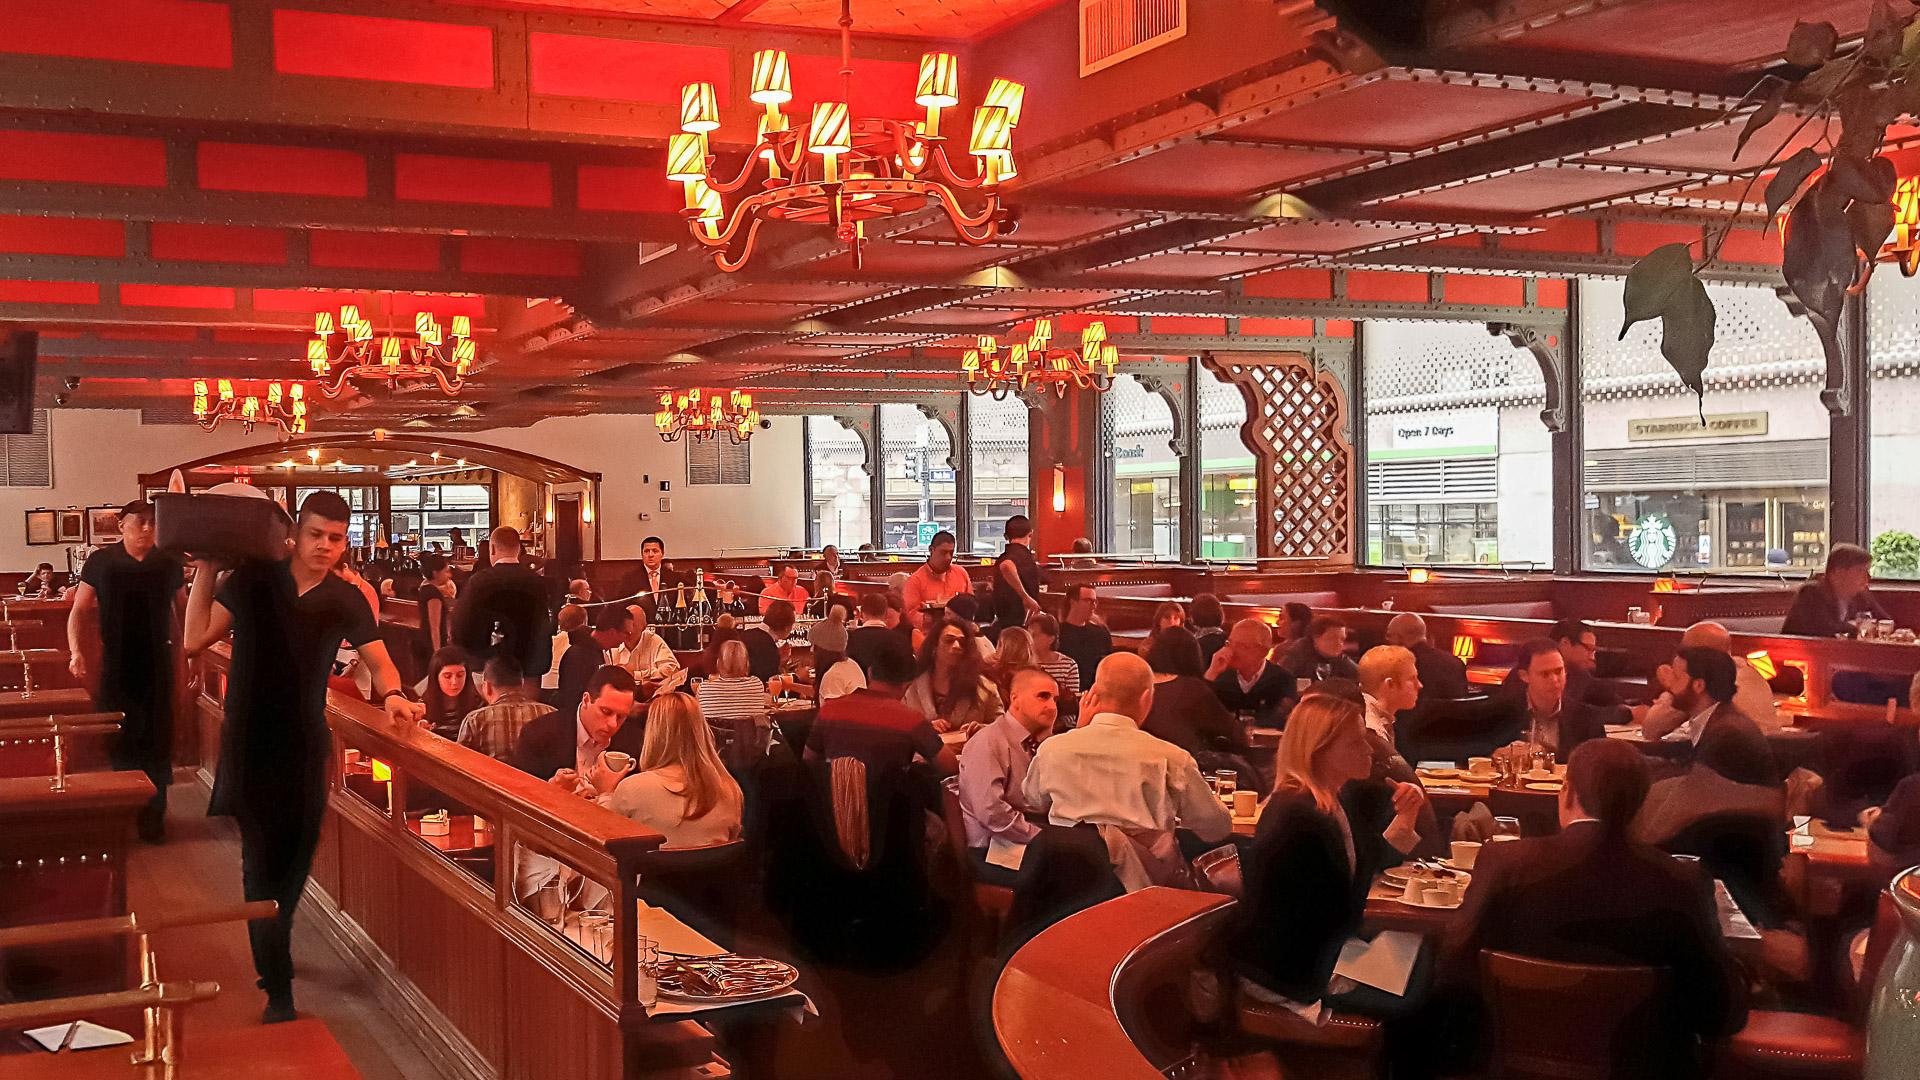 Im Pershing Square Restaurant